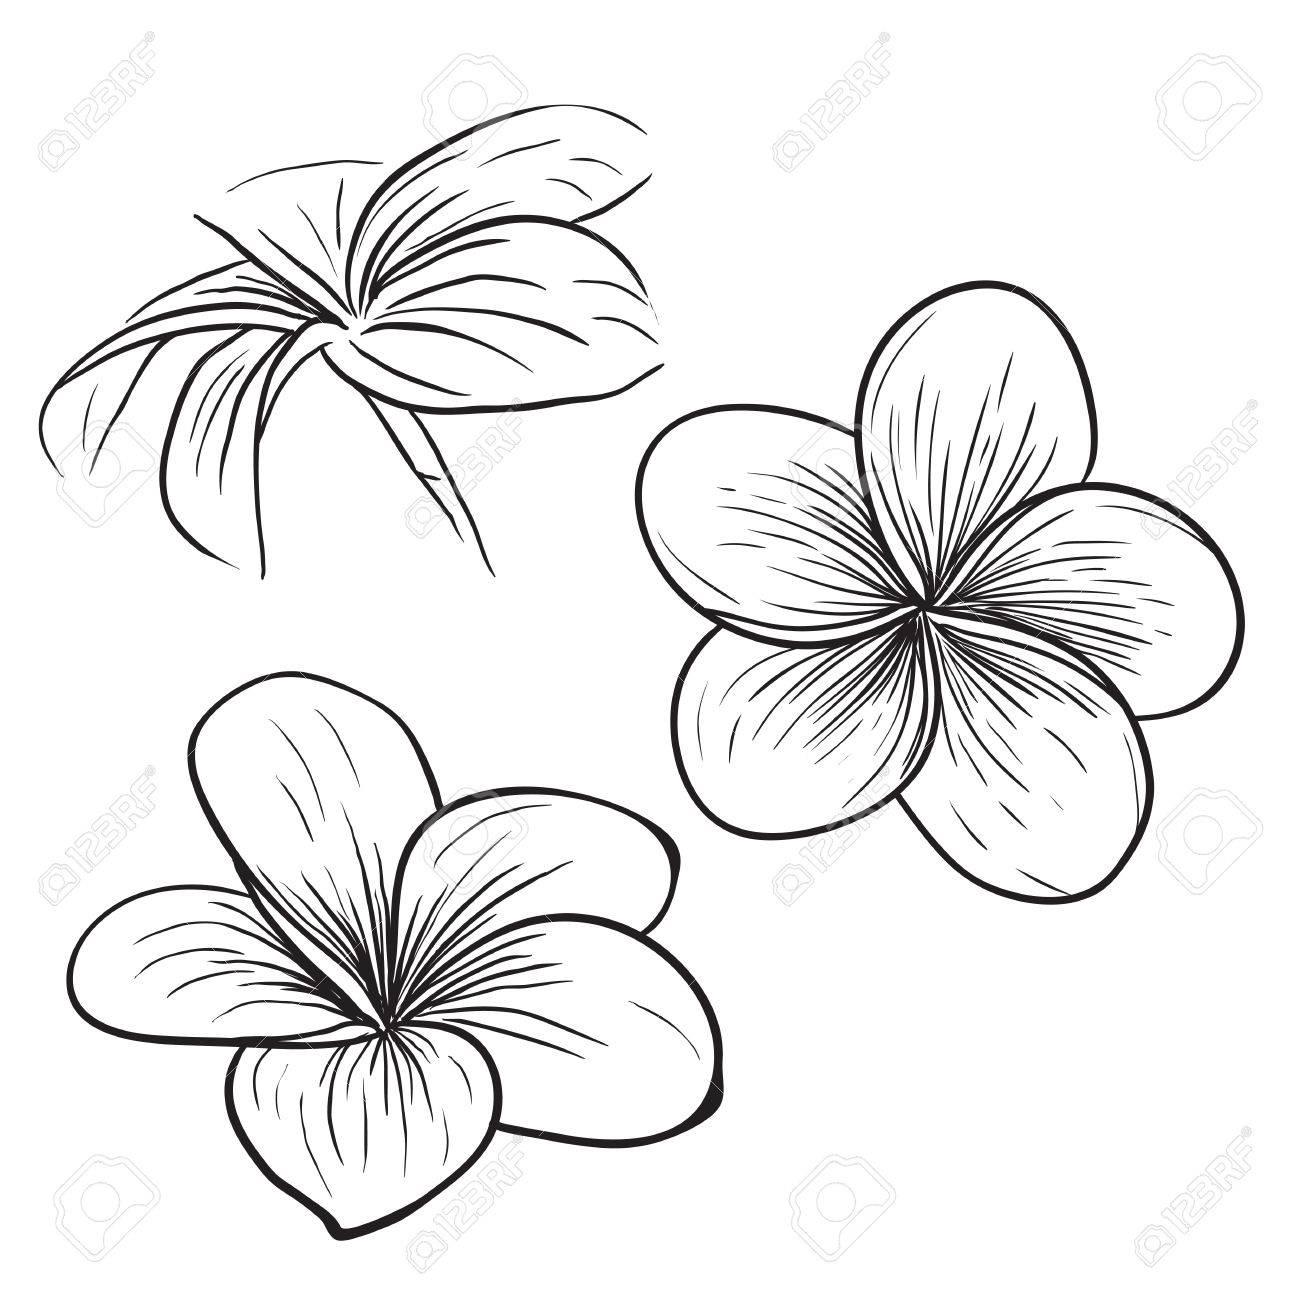 1300x1300 Tropical Flower Drawings Tropical Flower Drawings Tumblr